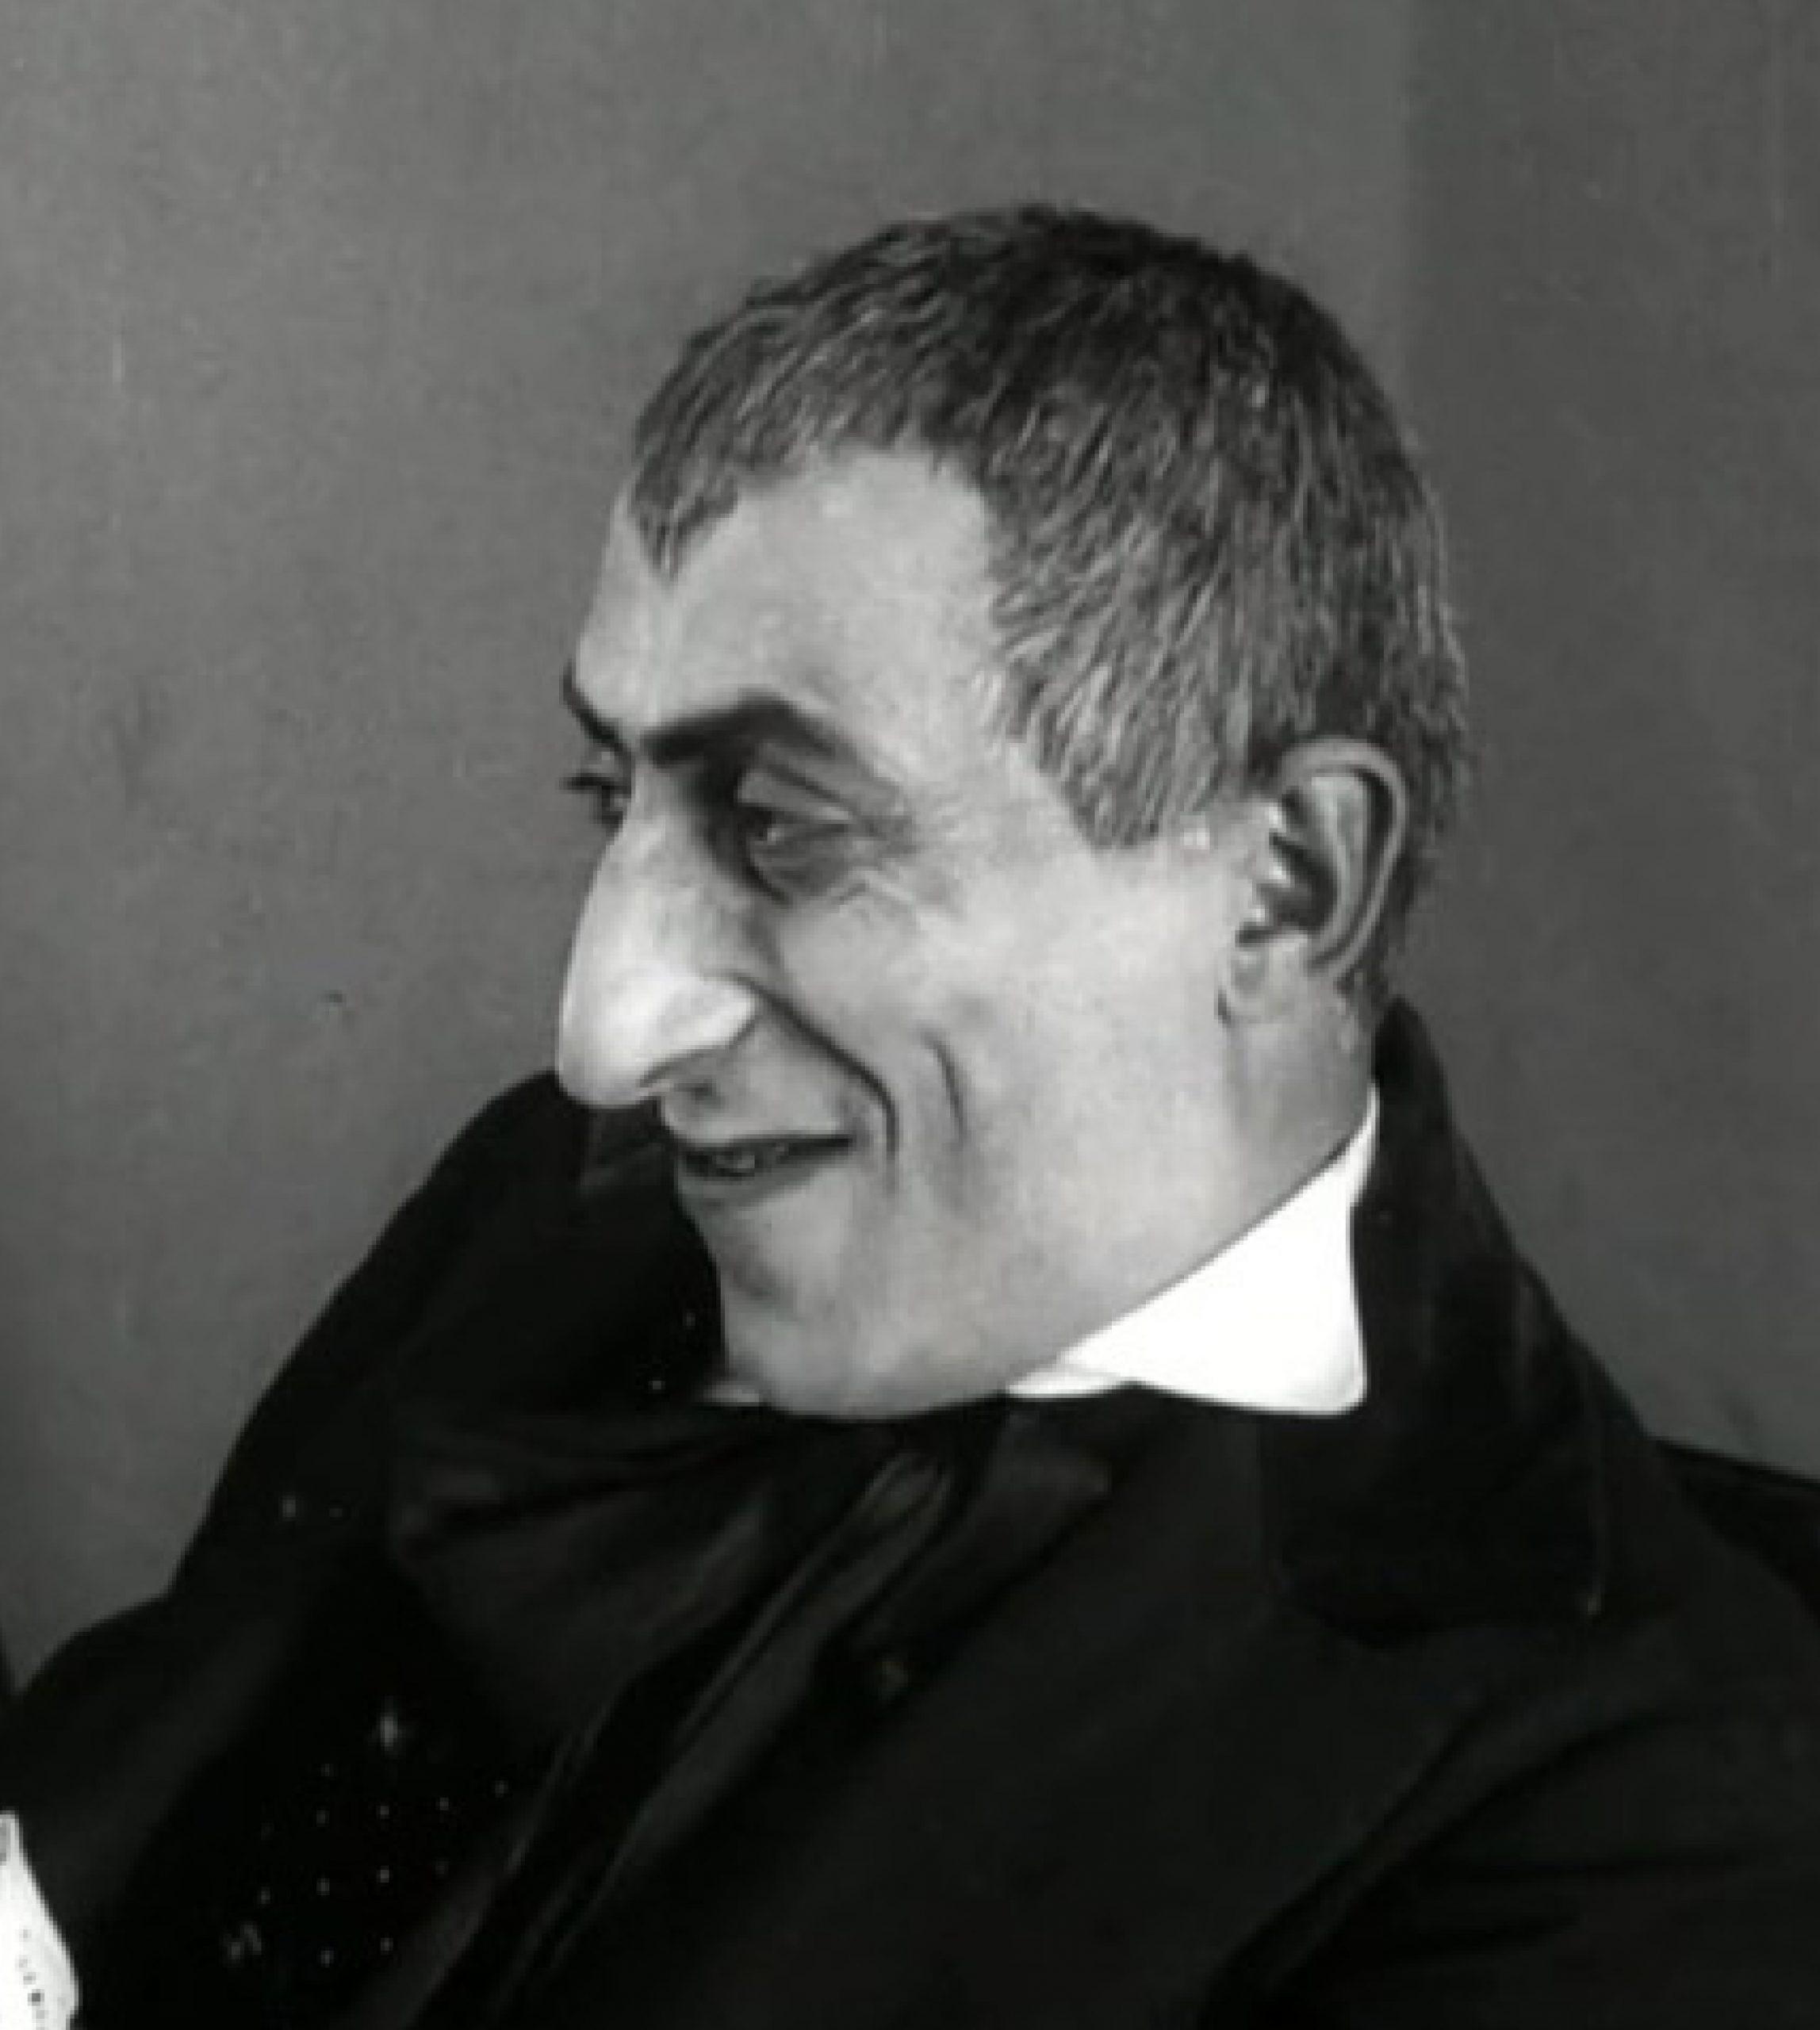 Aleqsandre Takaishvili